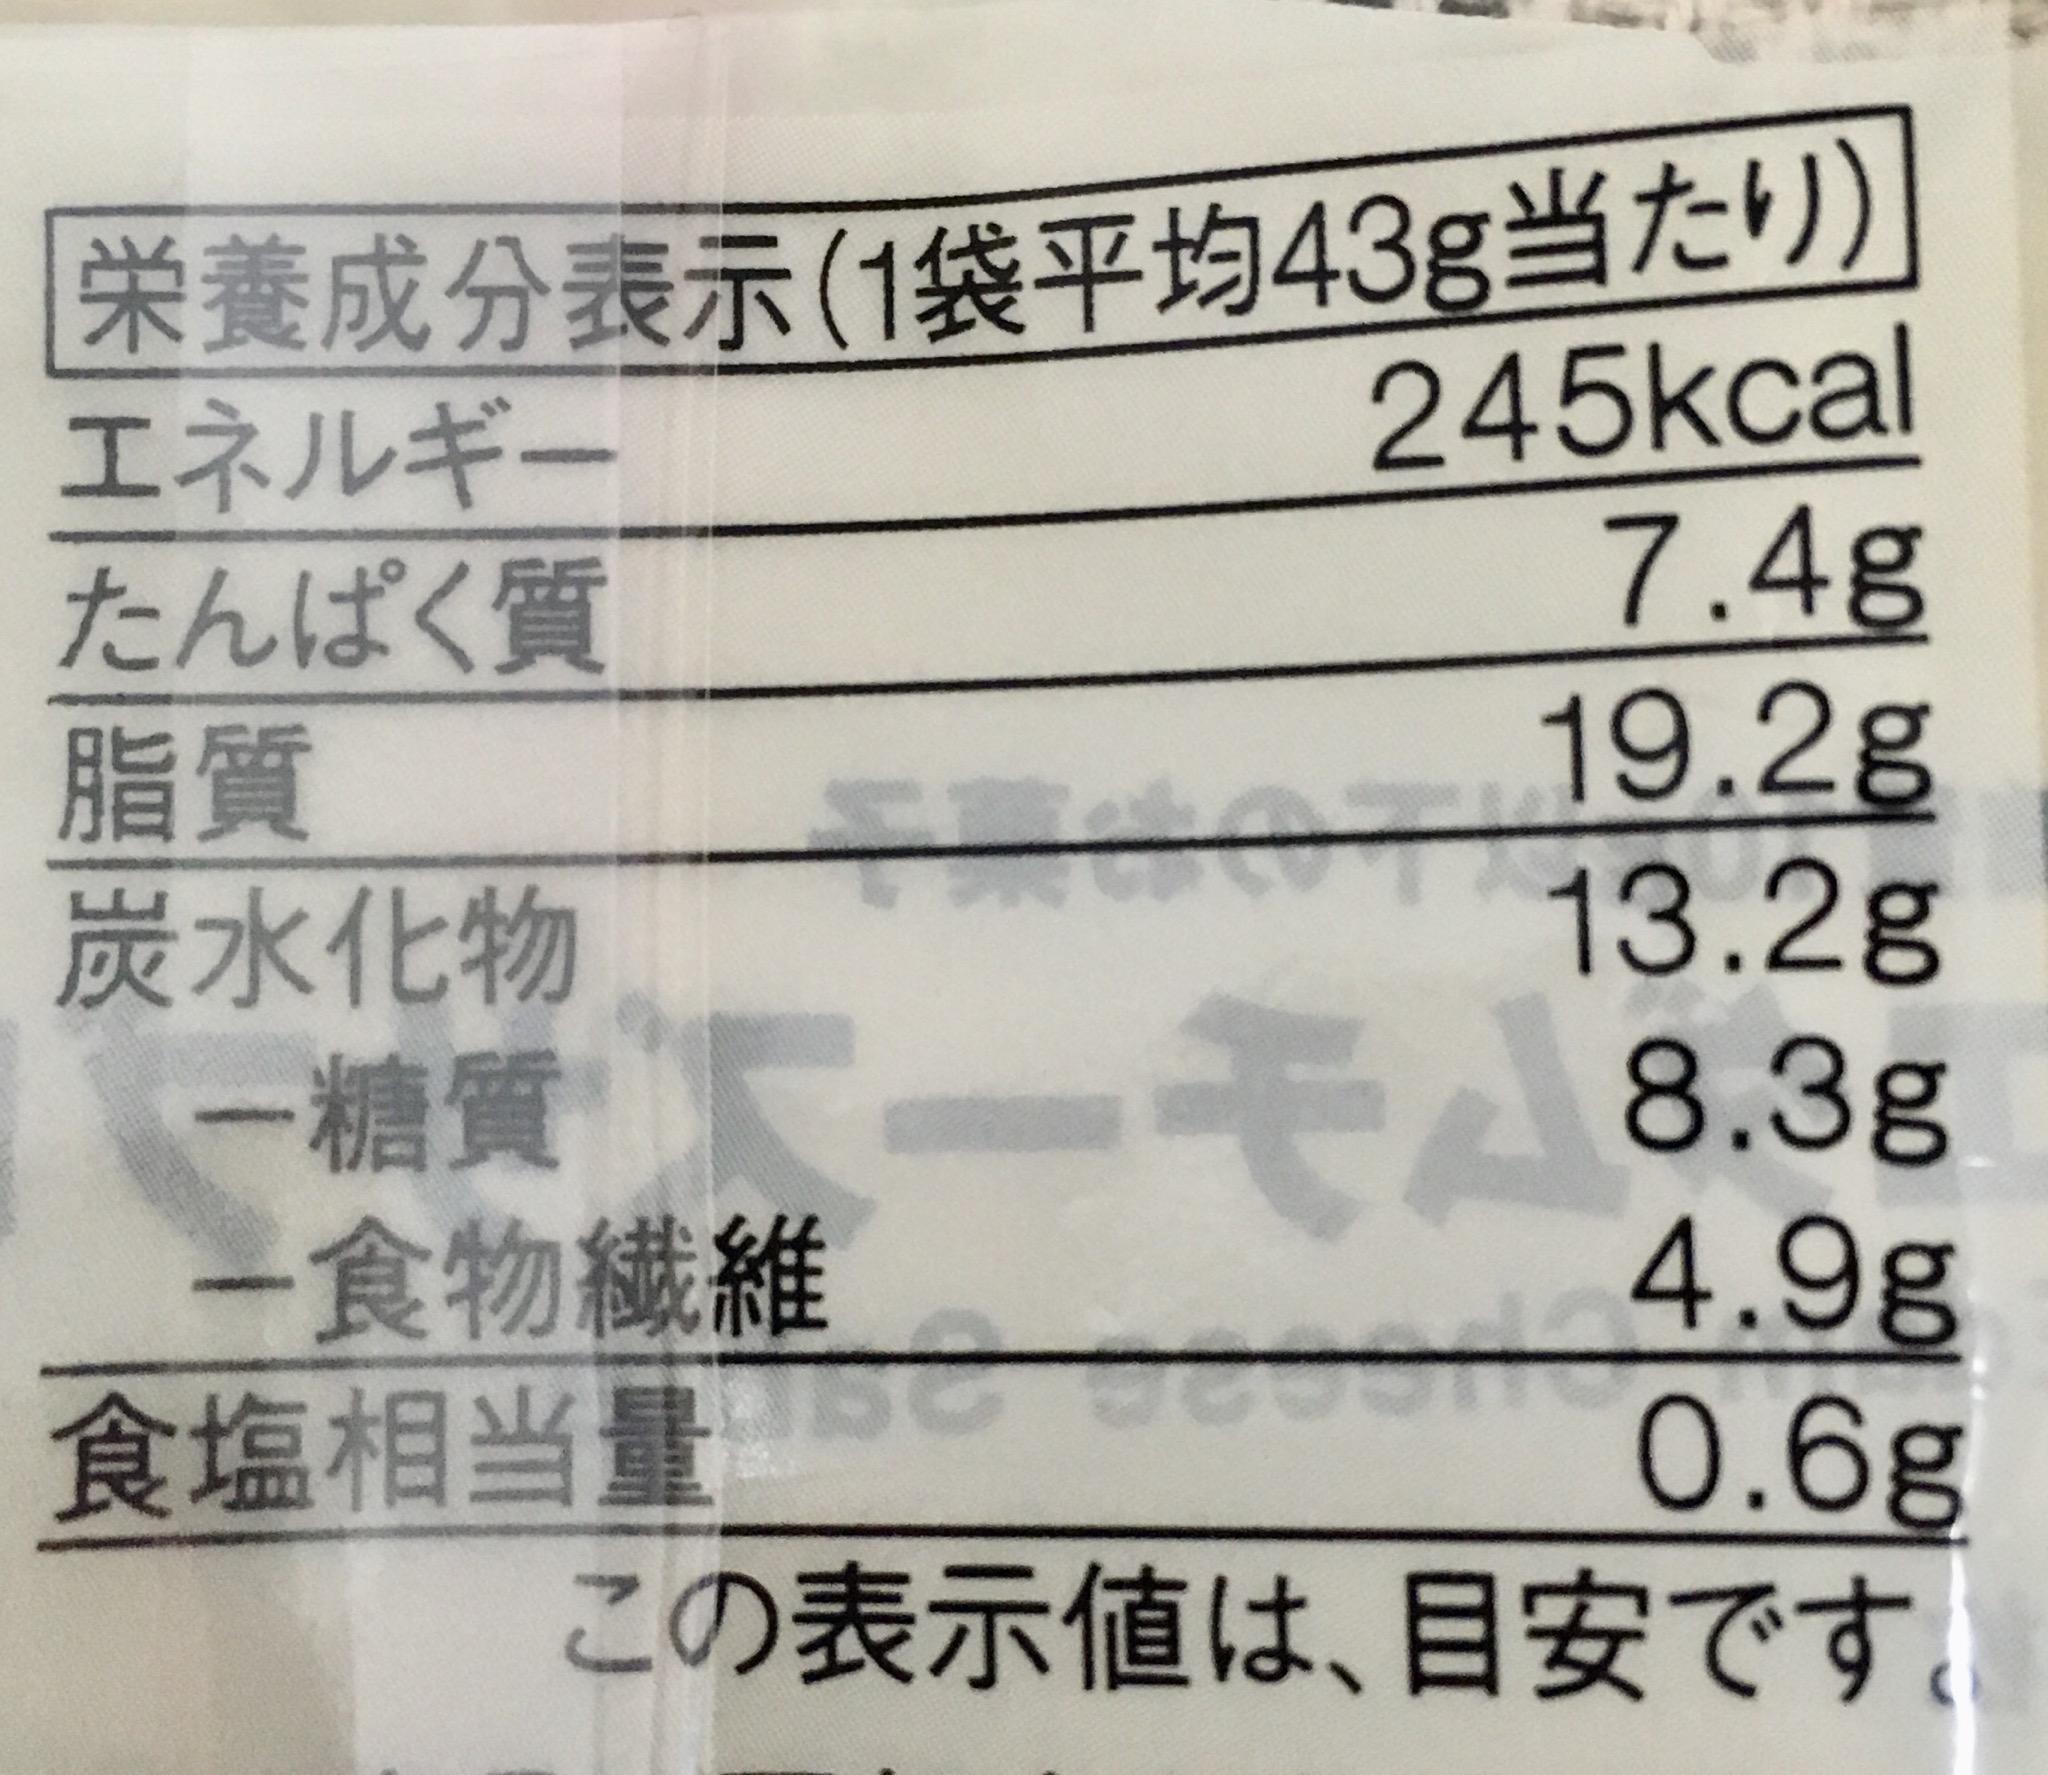 無印良品の糖質10g以下のお菓子 エダムチーズサブレの栄養成分表示